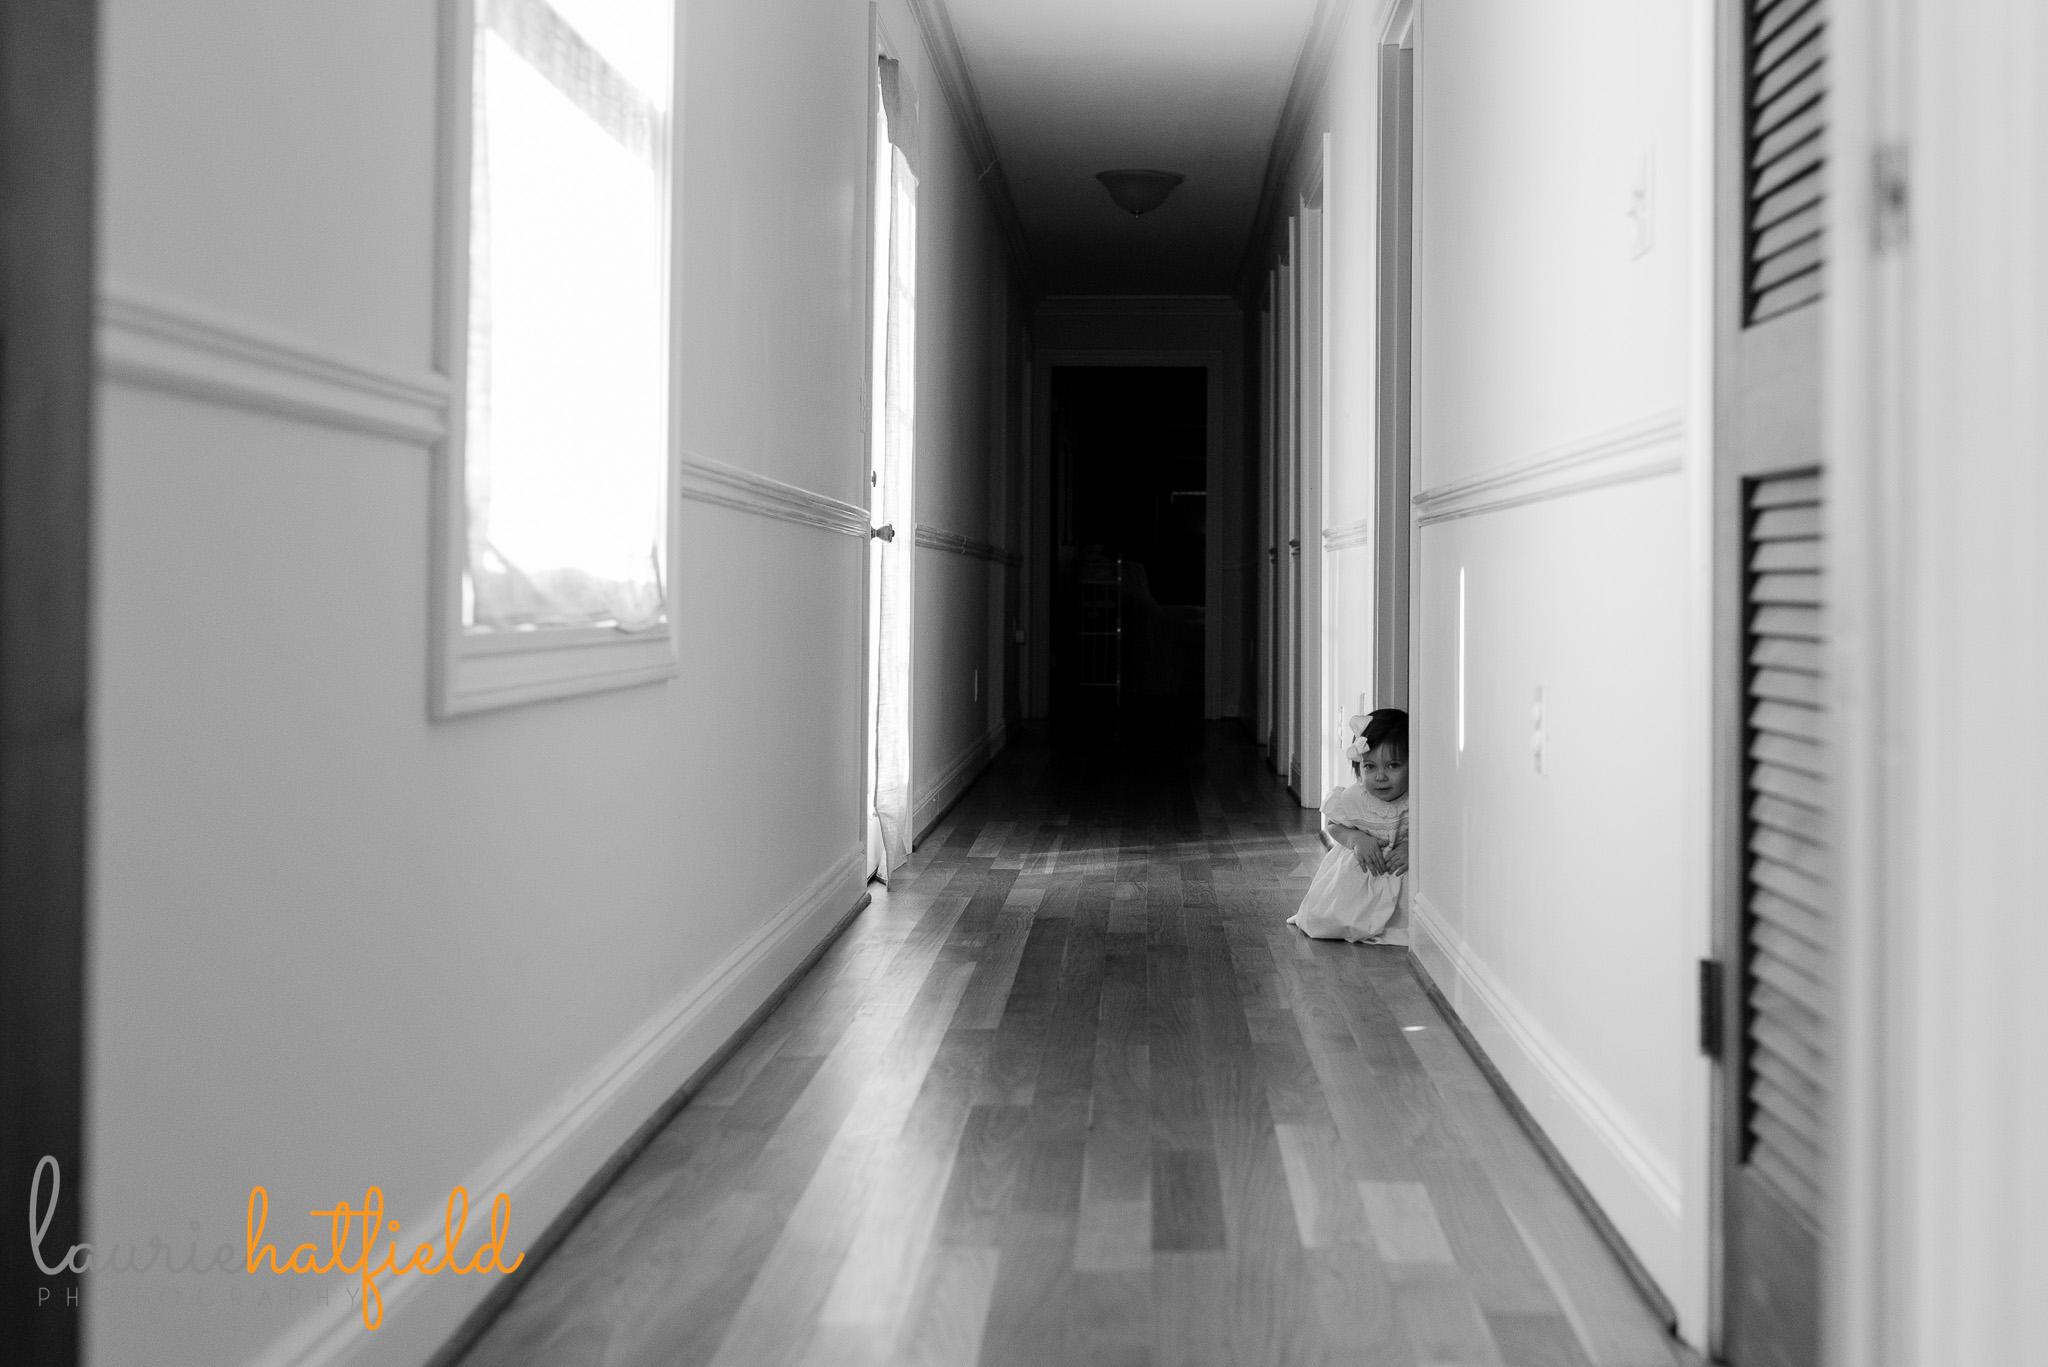 little girl in hallway | Mobile newborn photographer